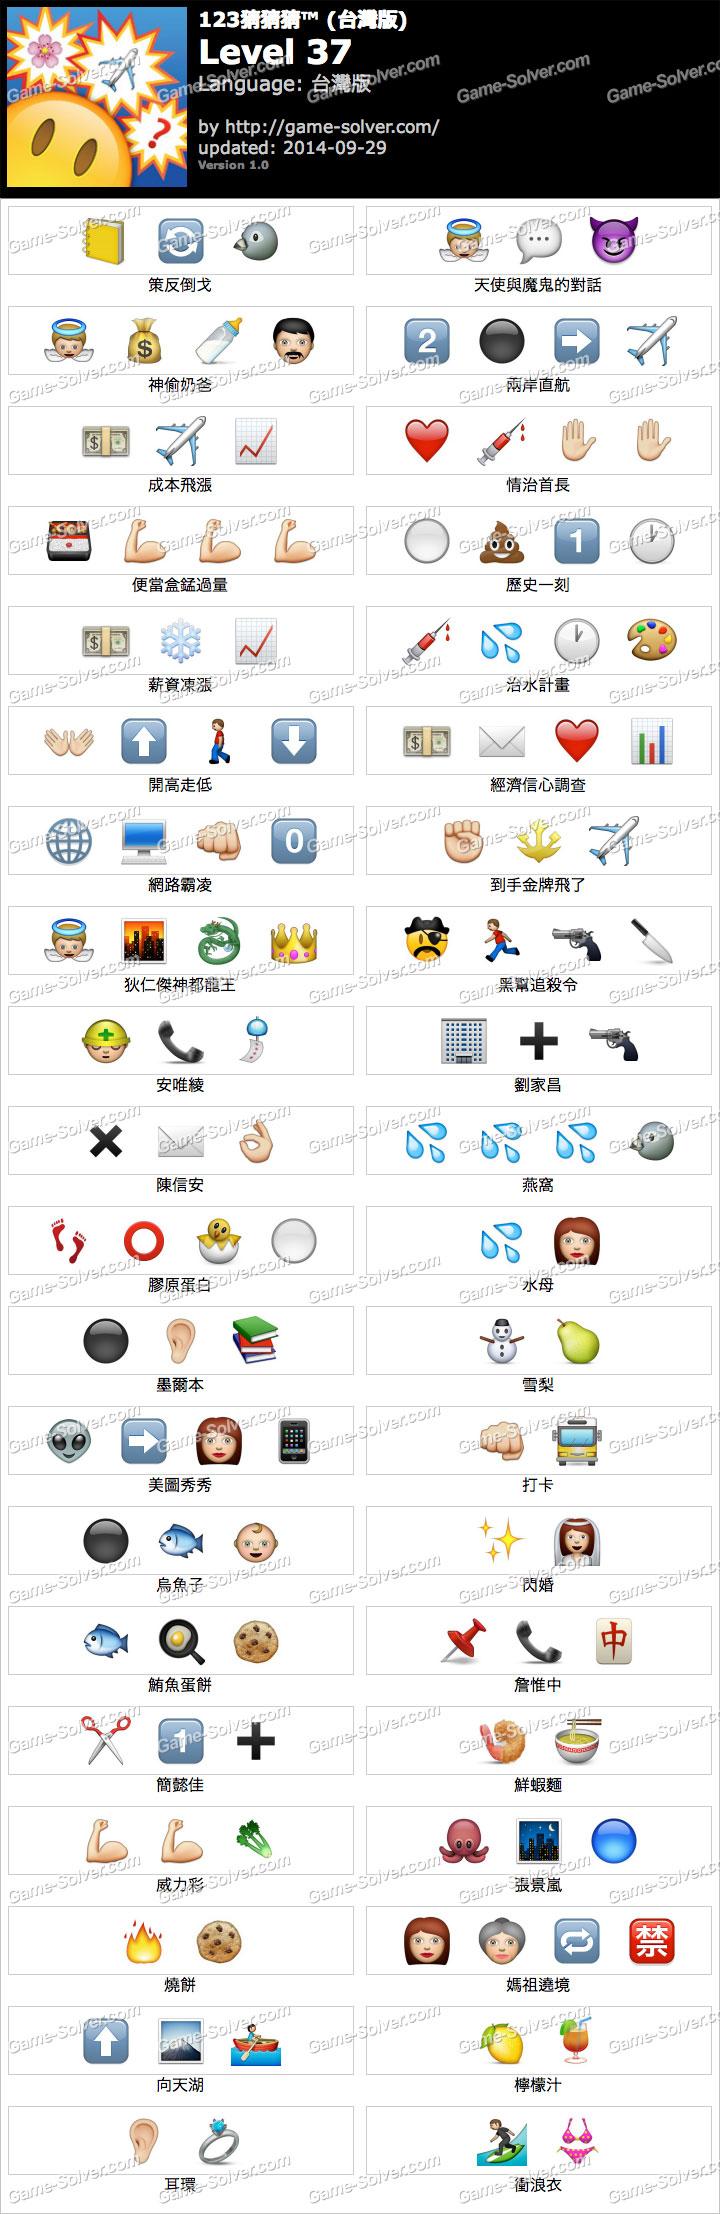 123猜猜猜台灣版答案等級37